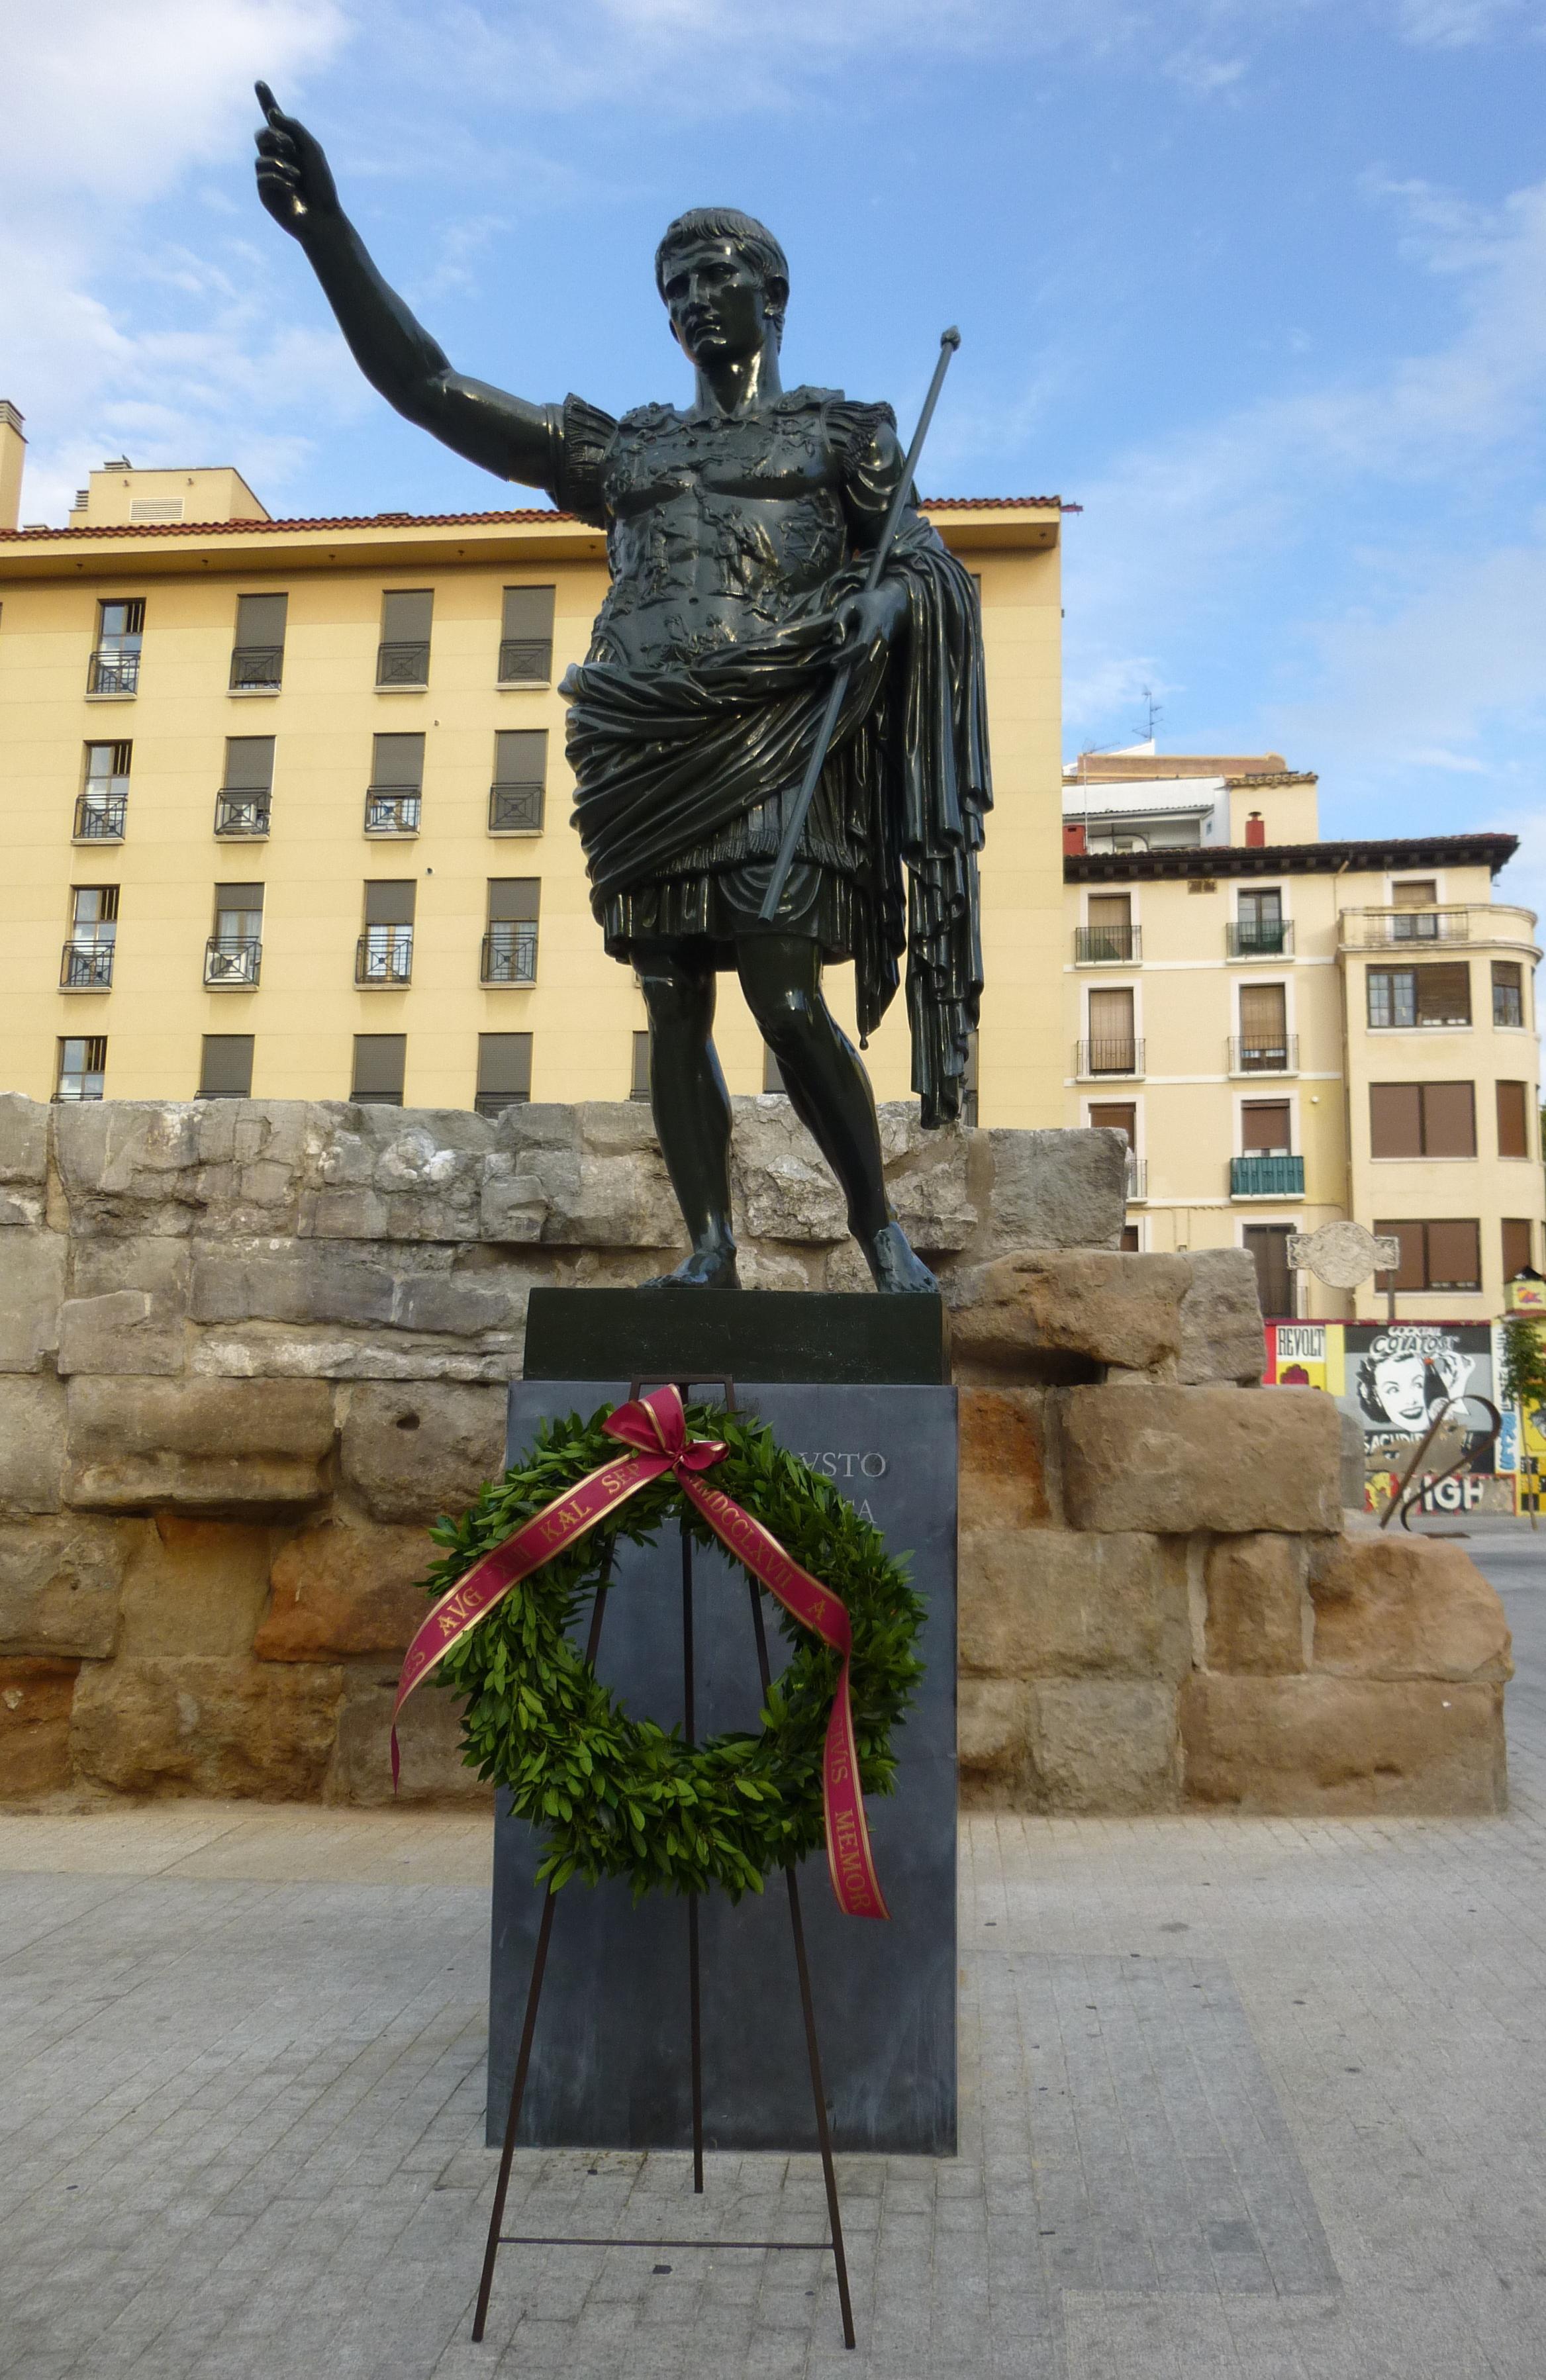 Homenaje del Ayuntamiento de Zaragoza a Avgvsto en el bimilenario de su muerte. Foto- J. Paz